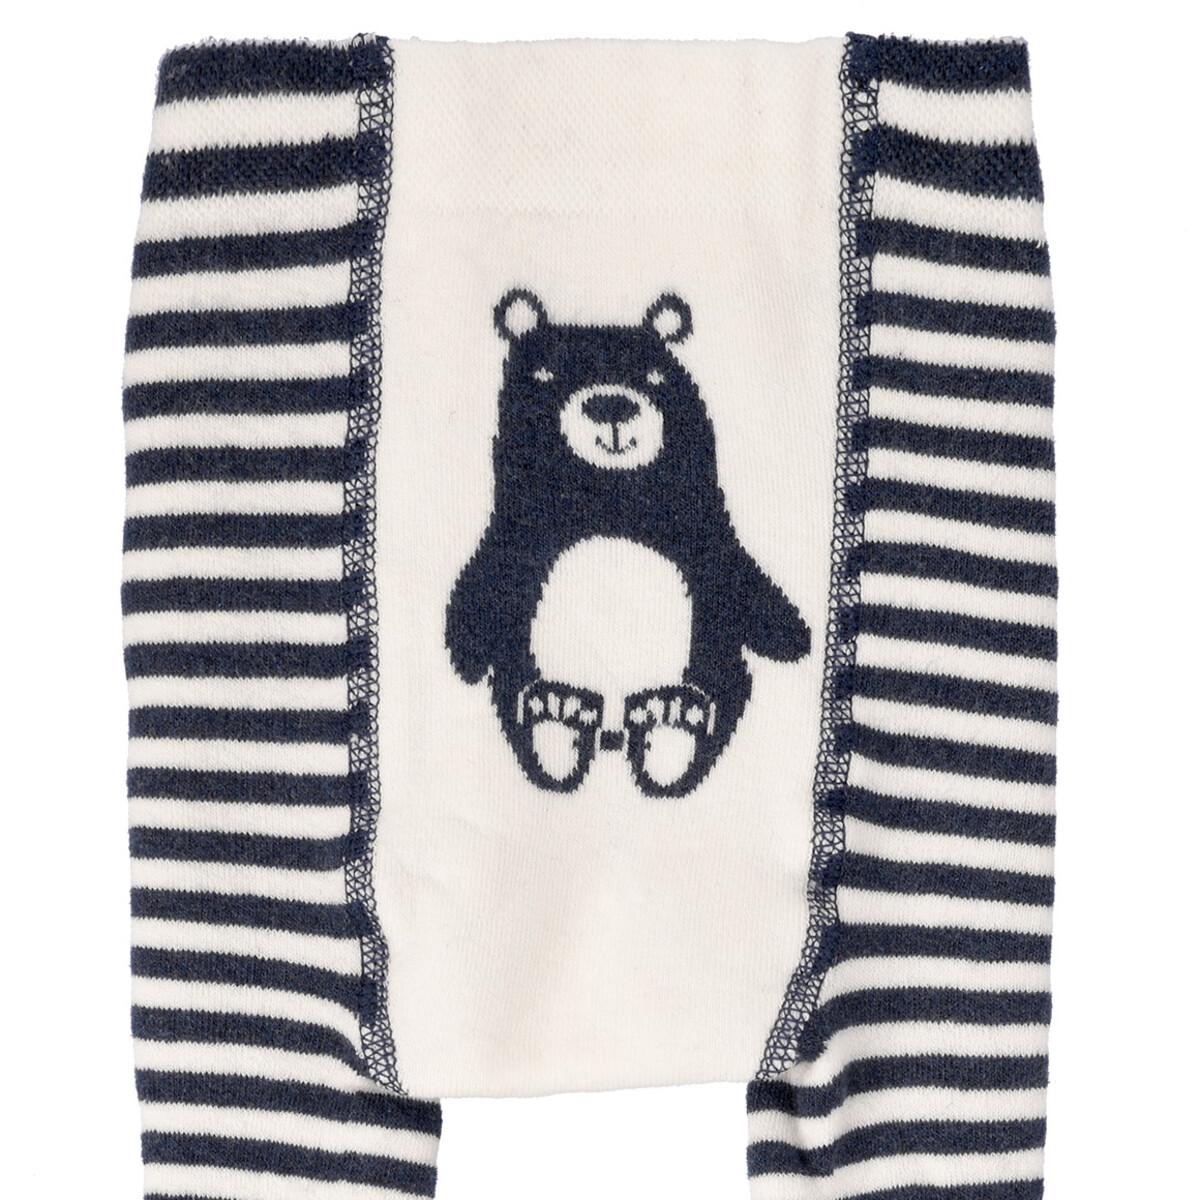 Bild 3 von Baby Strumpfhose mit Bären-Motiv